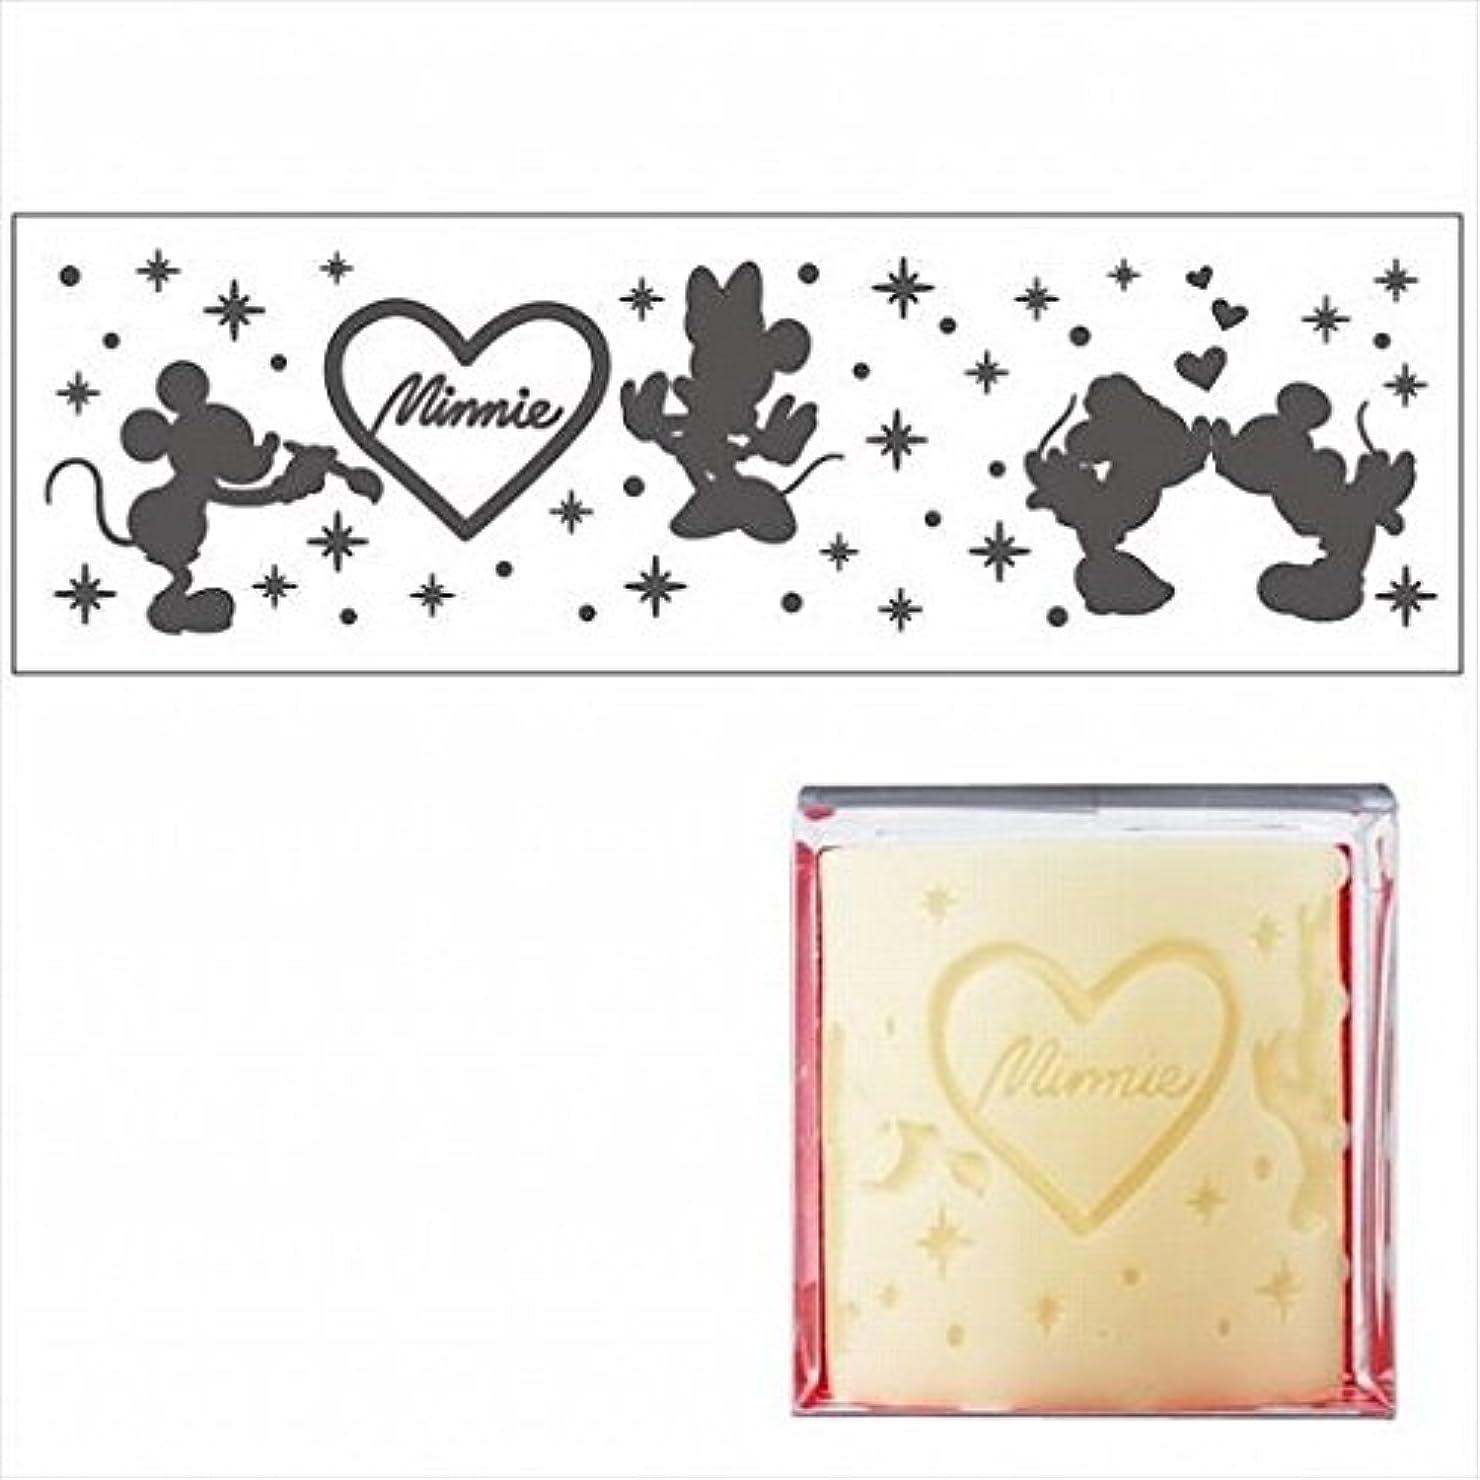 協定ウォーターフロントテレビ局kameyama candle(カメヤマキャンドル) ディズニーLEDキャンドル 「 ミッキー&ミニー 」(A4320010)